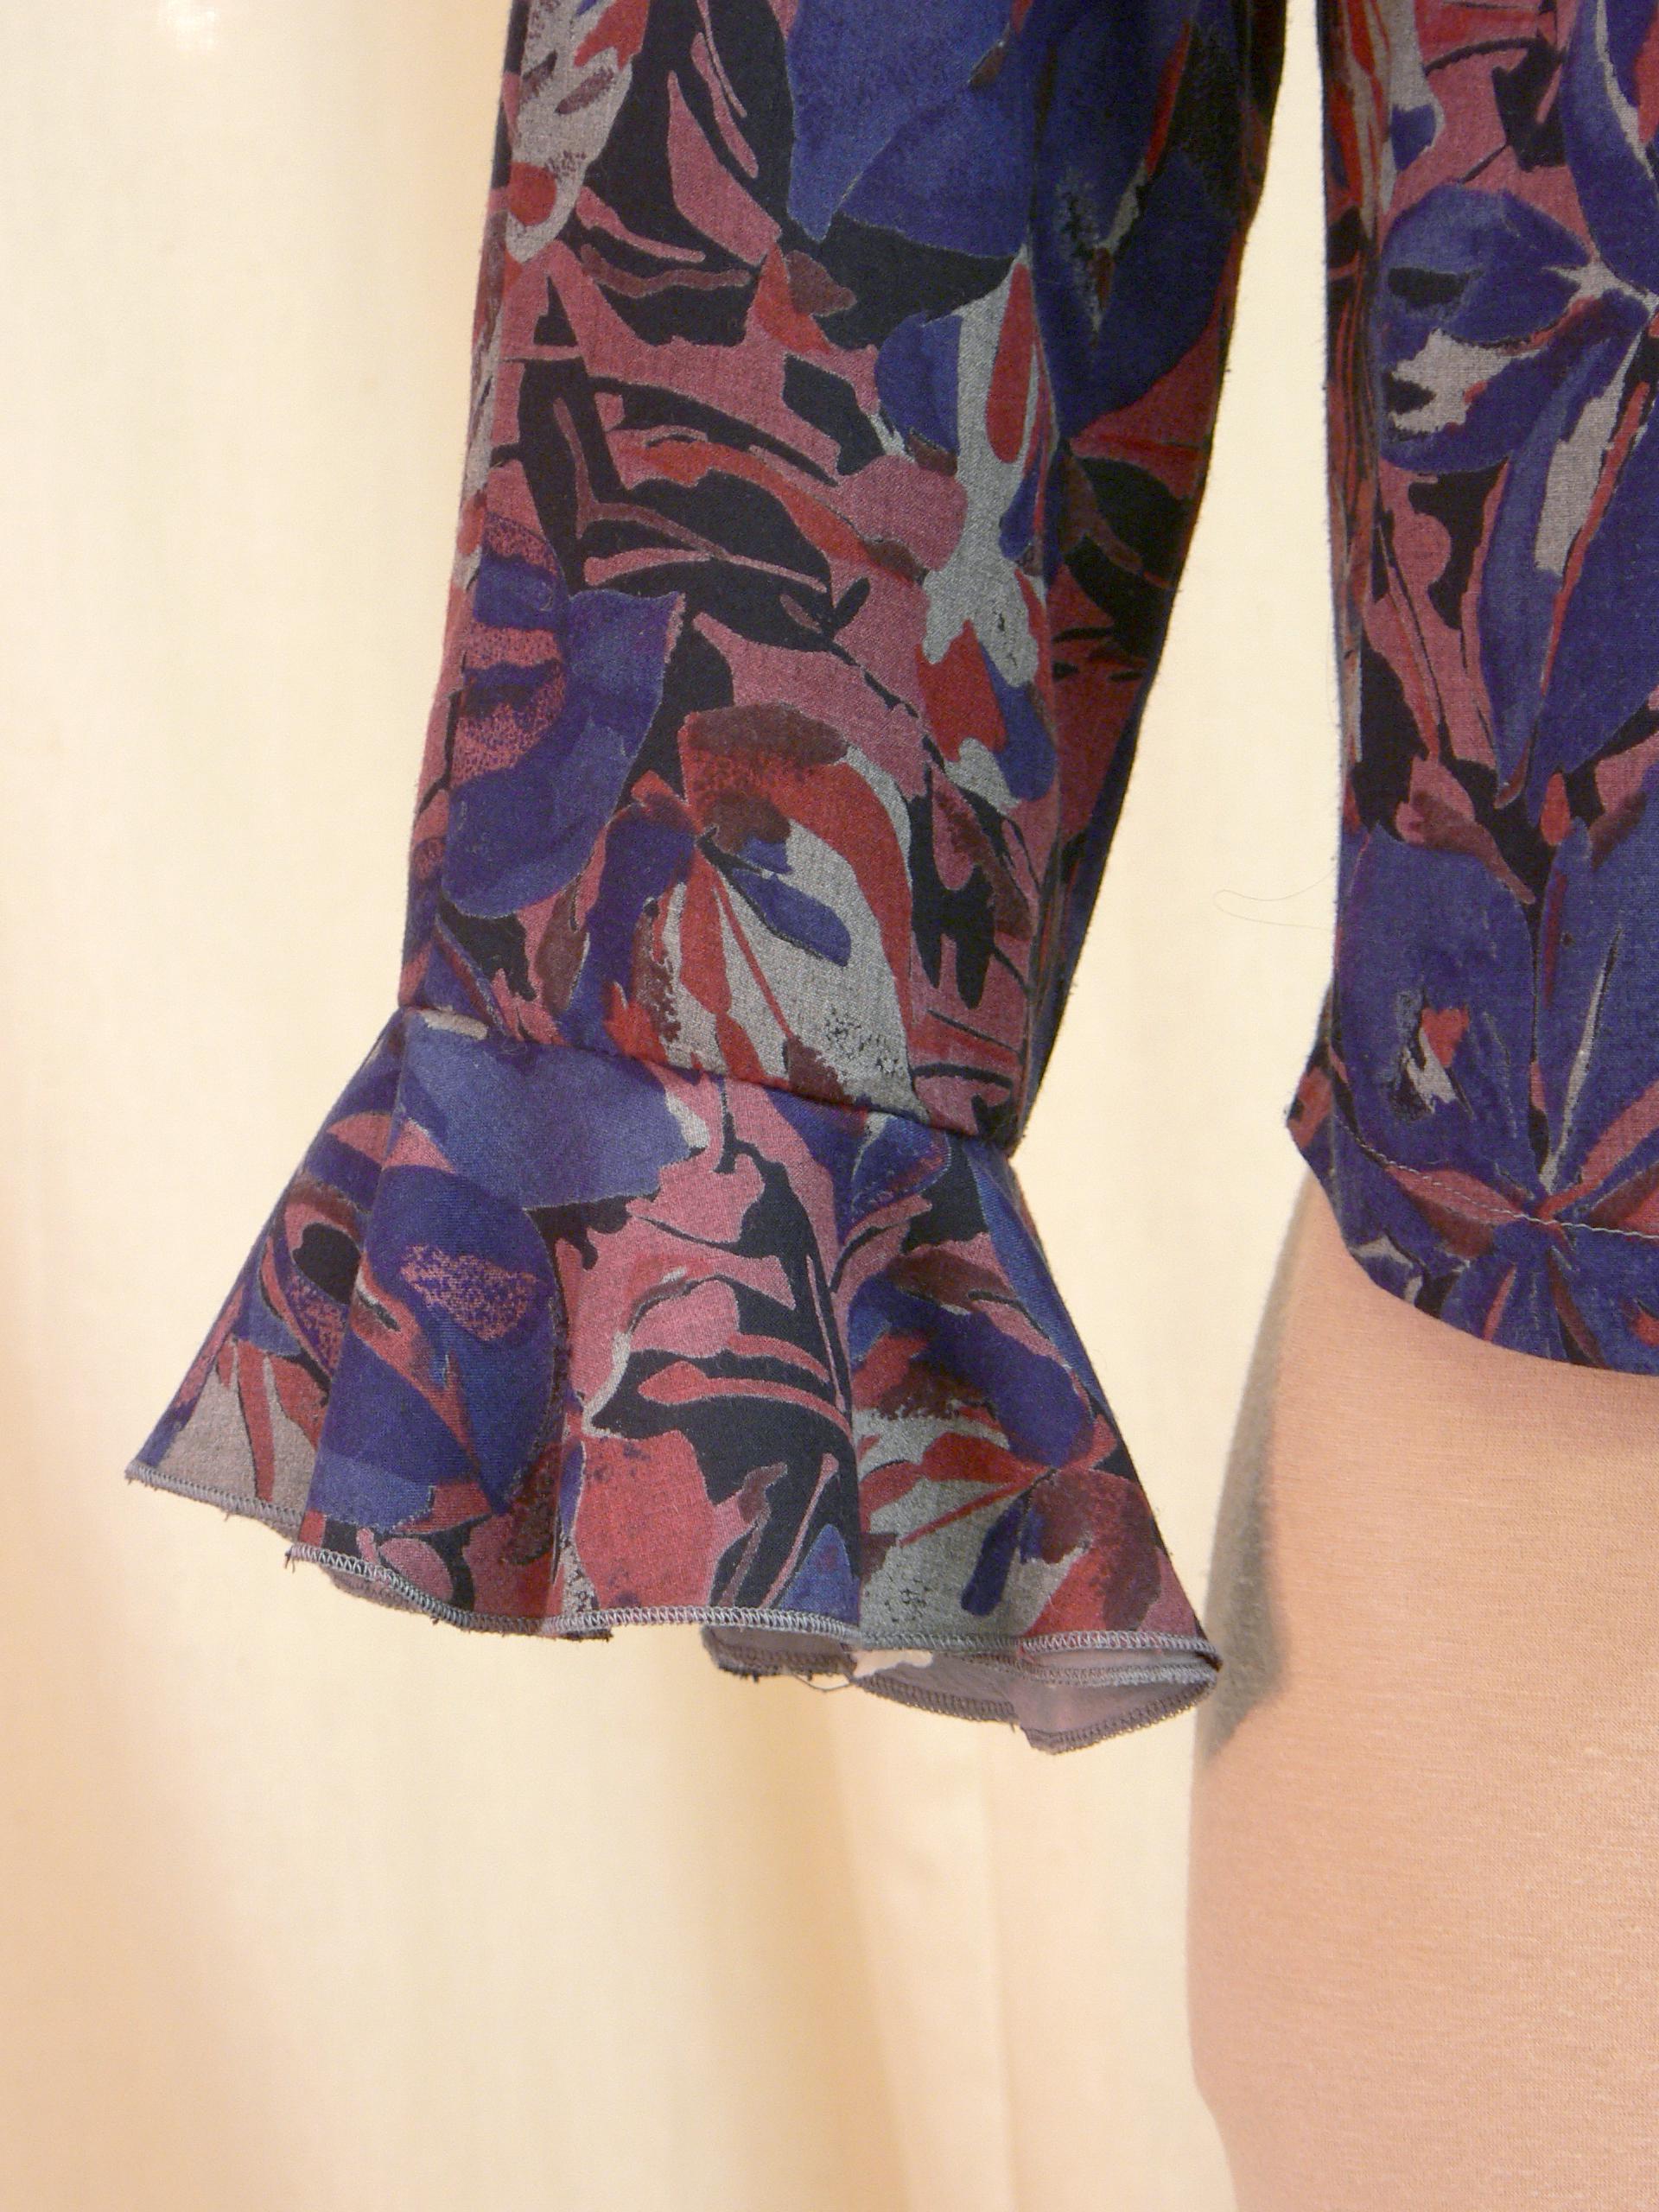 blouse05_cuff_detail.jpg